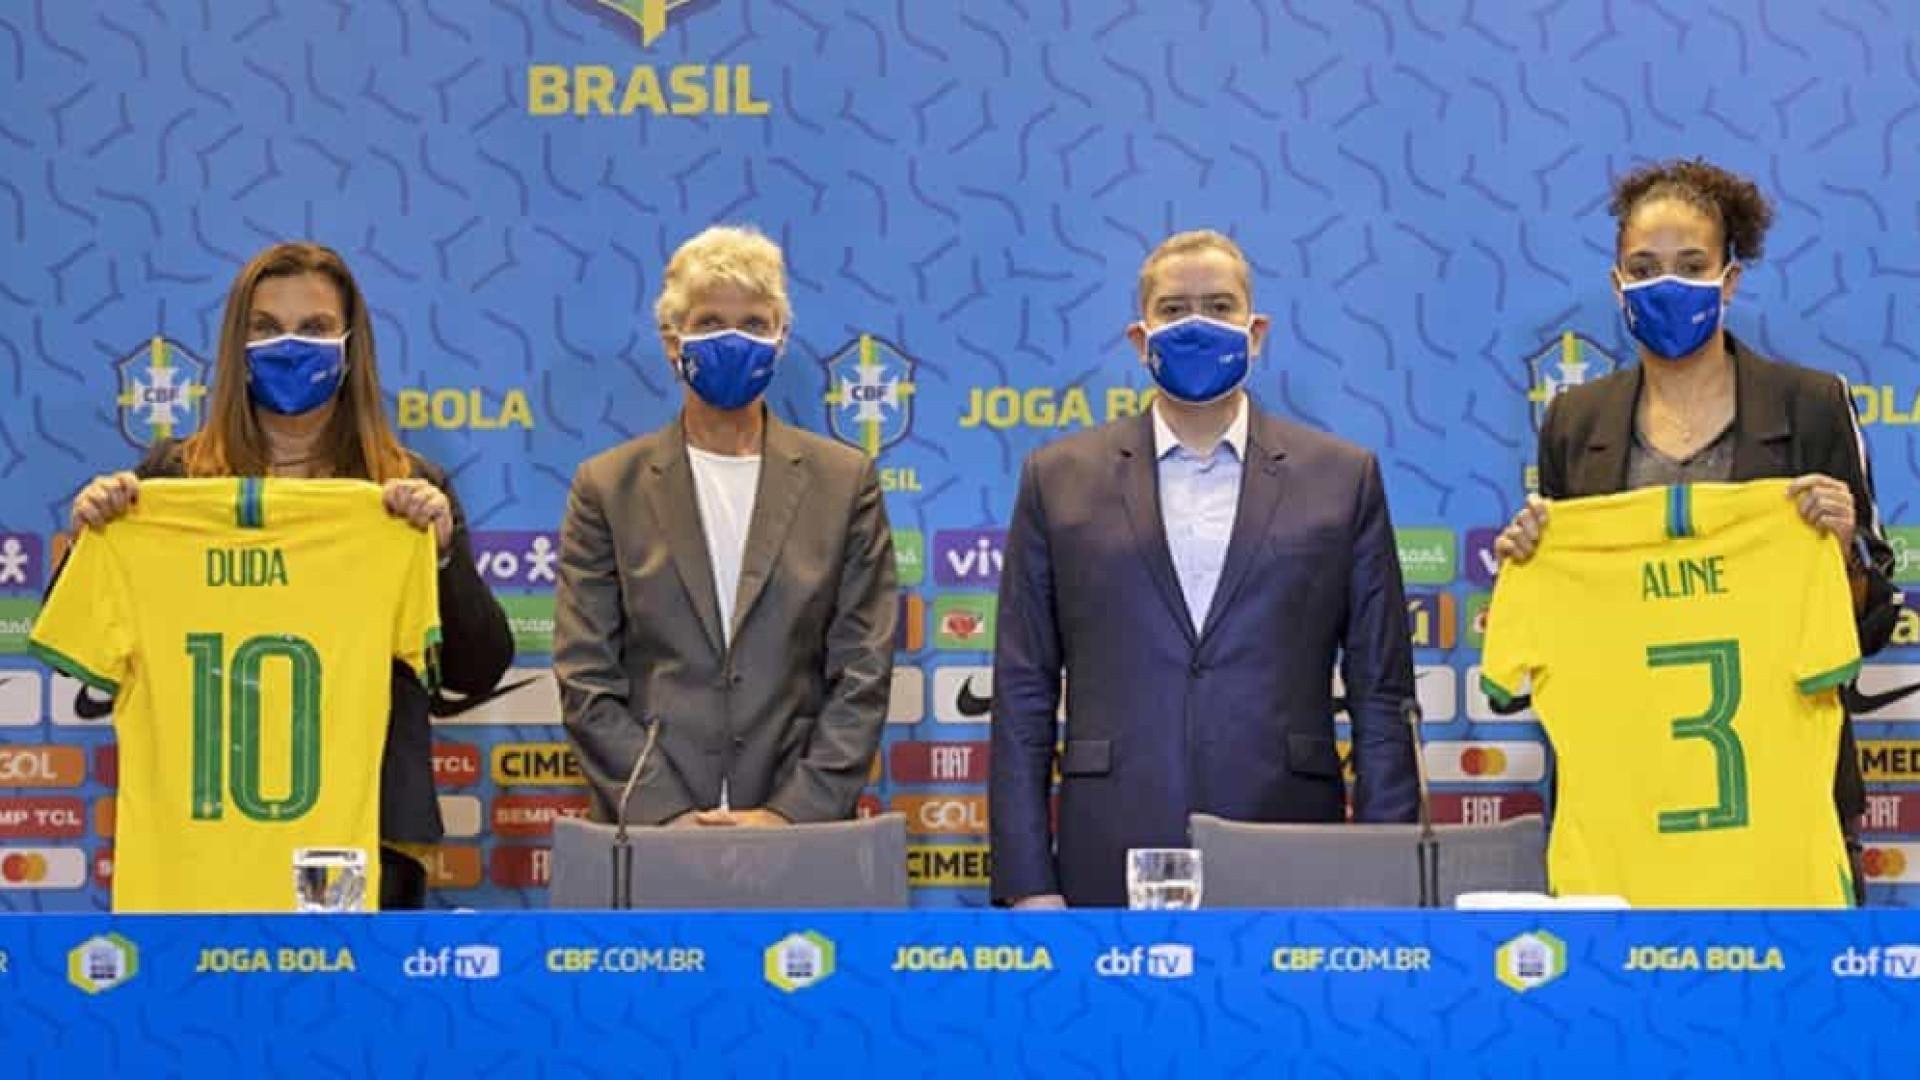 Com apoio da CBF, mulheres assumem o comando do futebol feminino no Brasil